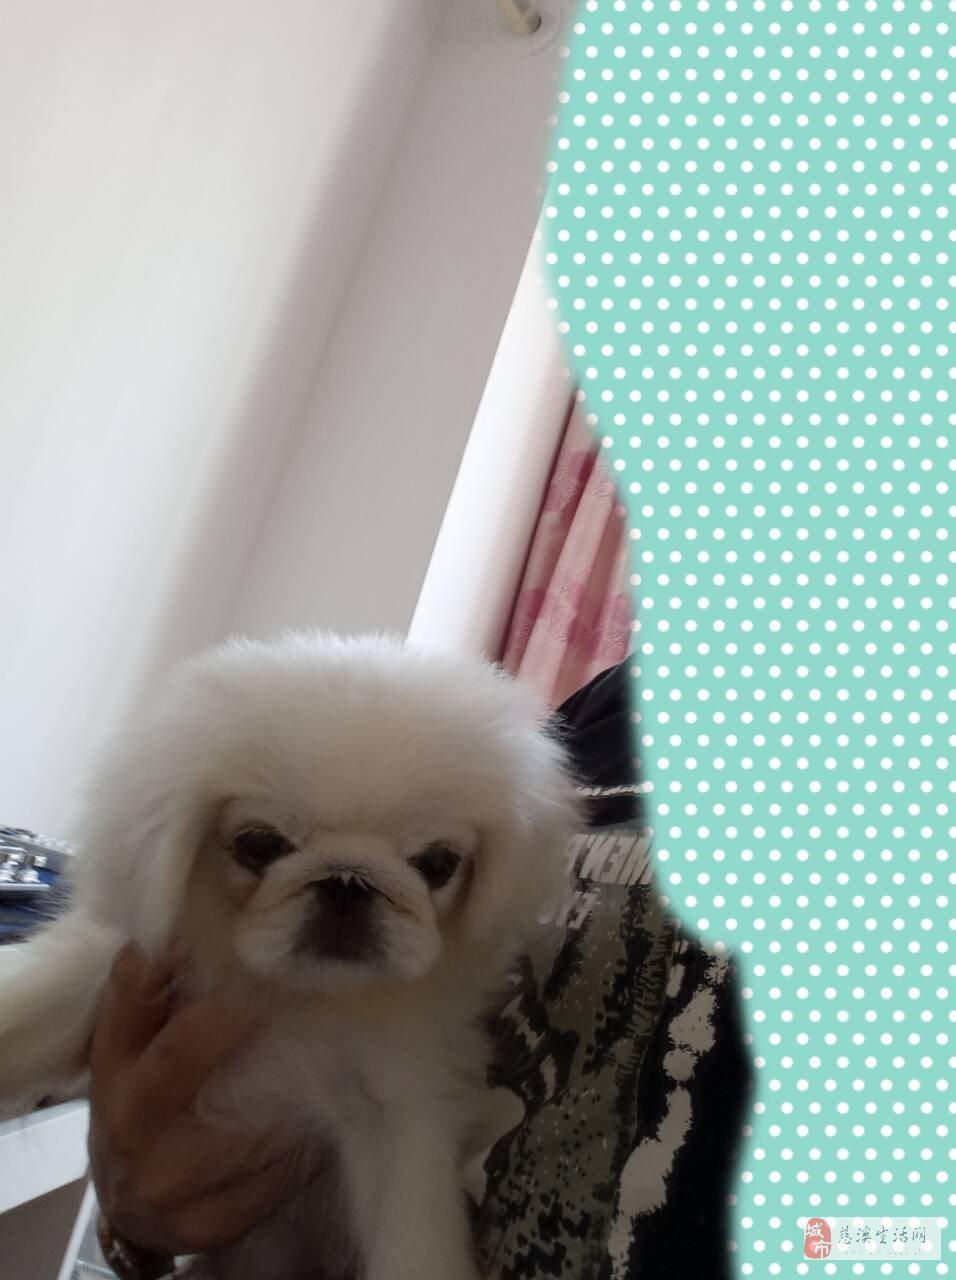 出售一只白色京巴犬